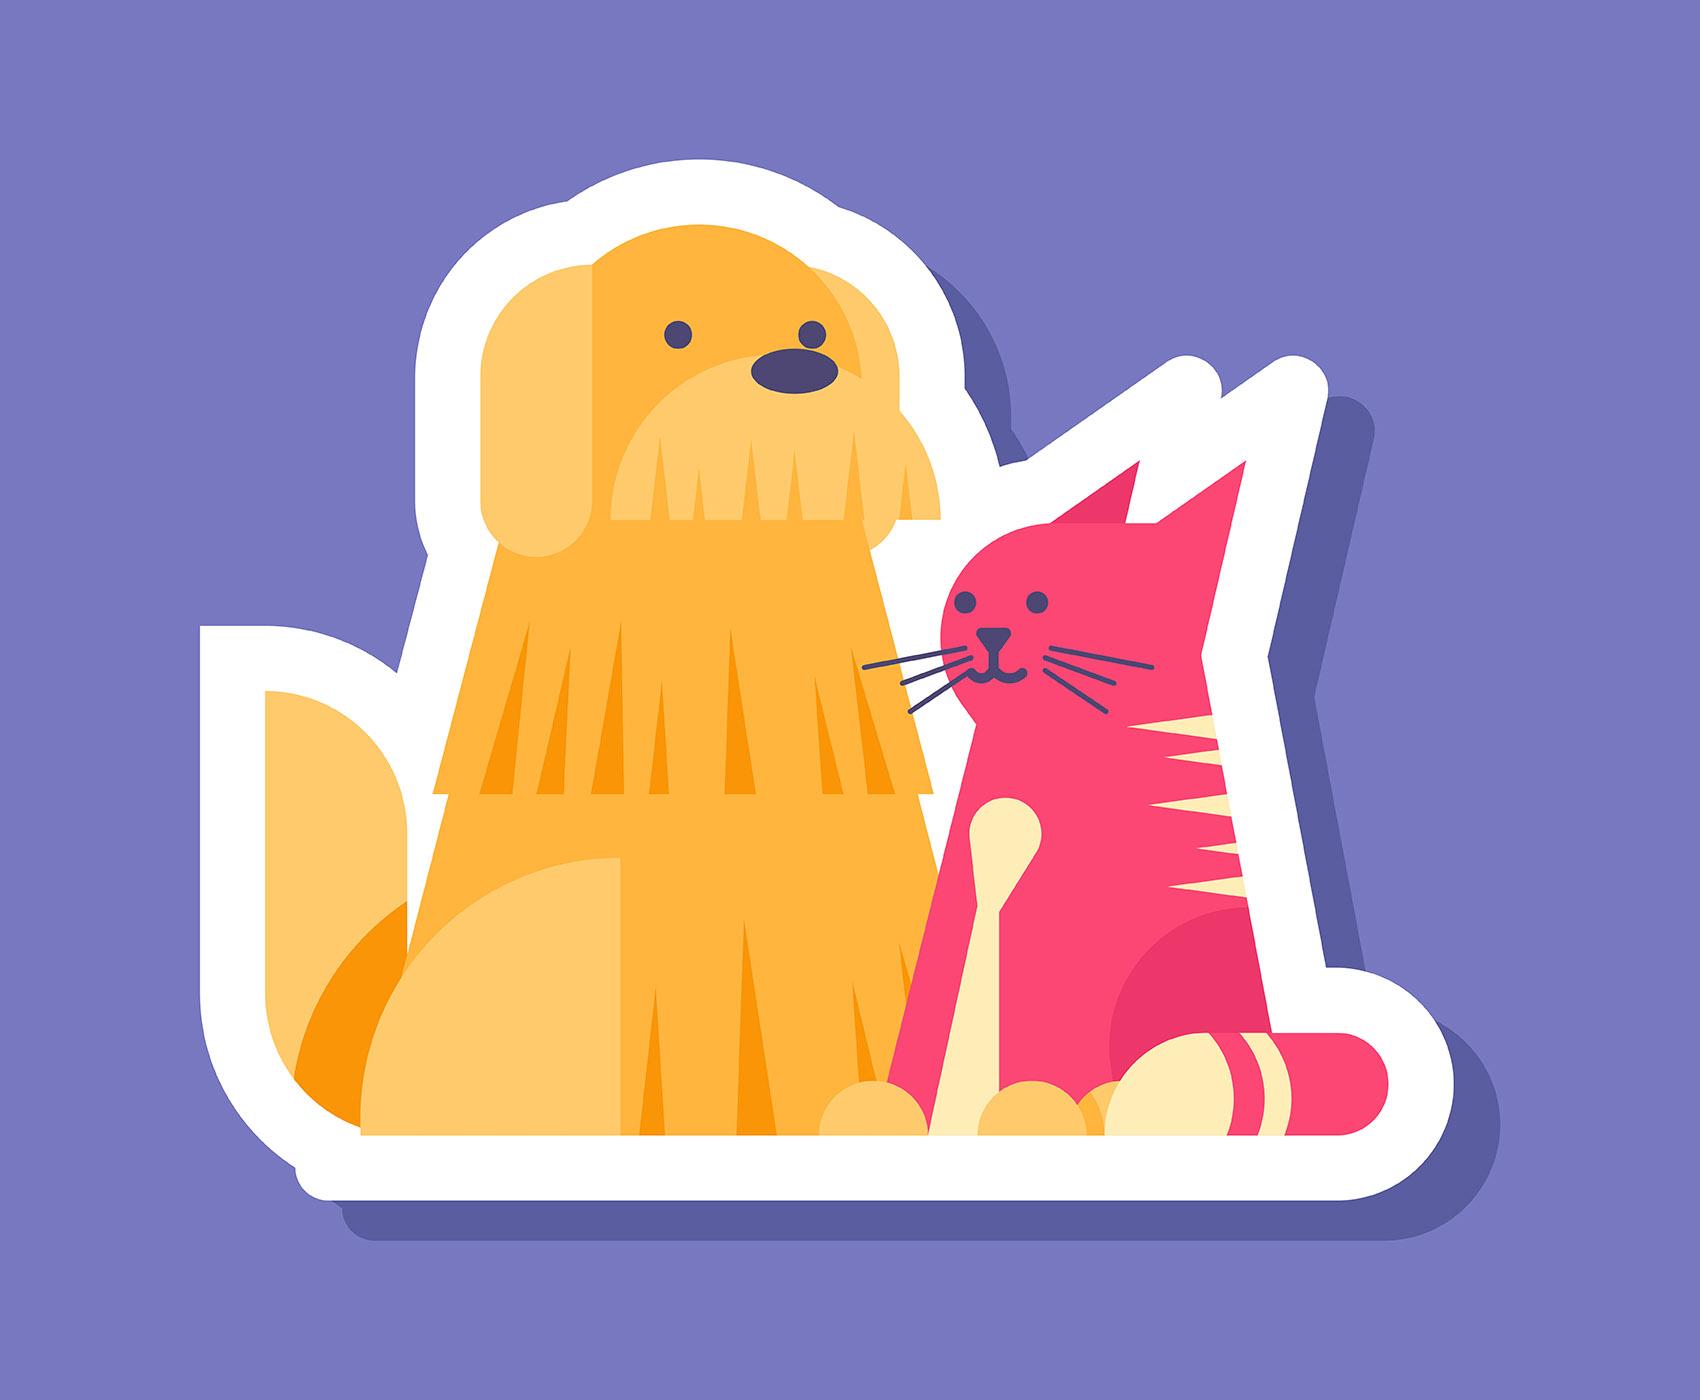 寵物圖 免費下載 | 天天瘋後製